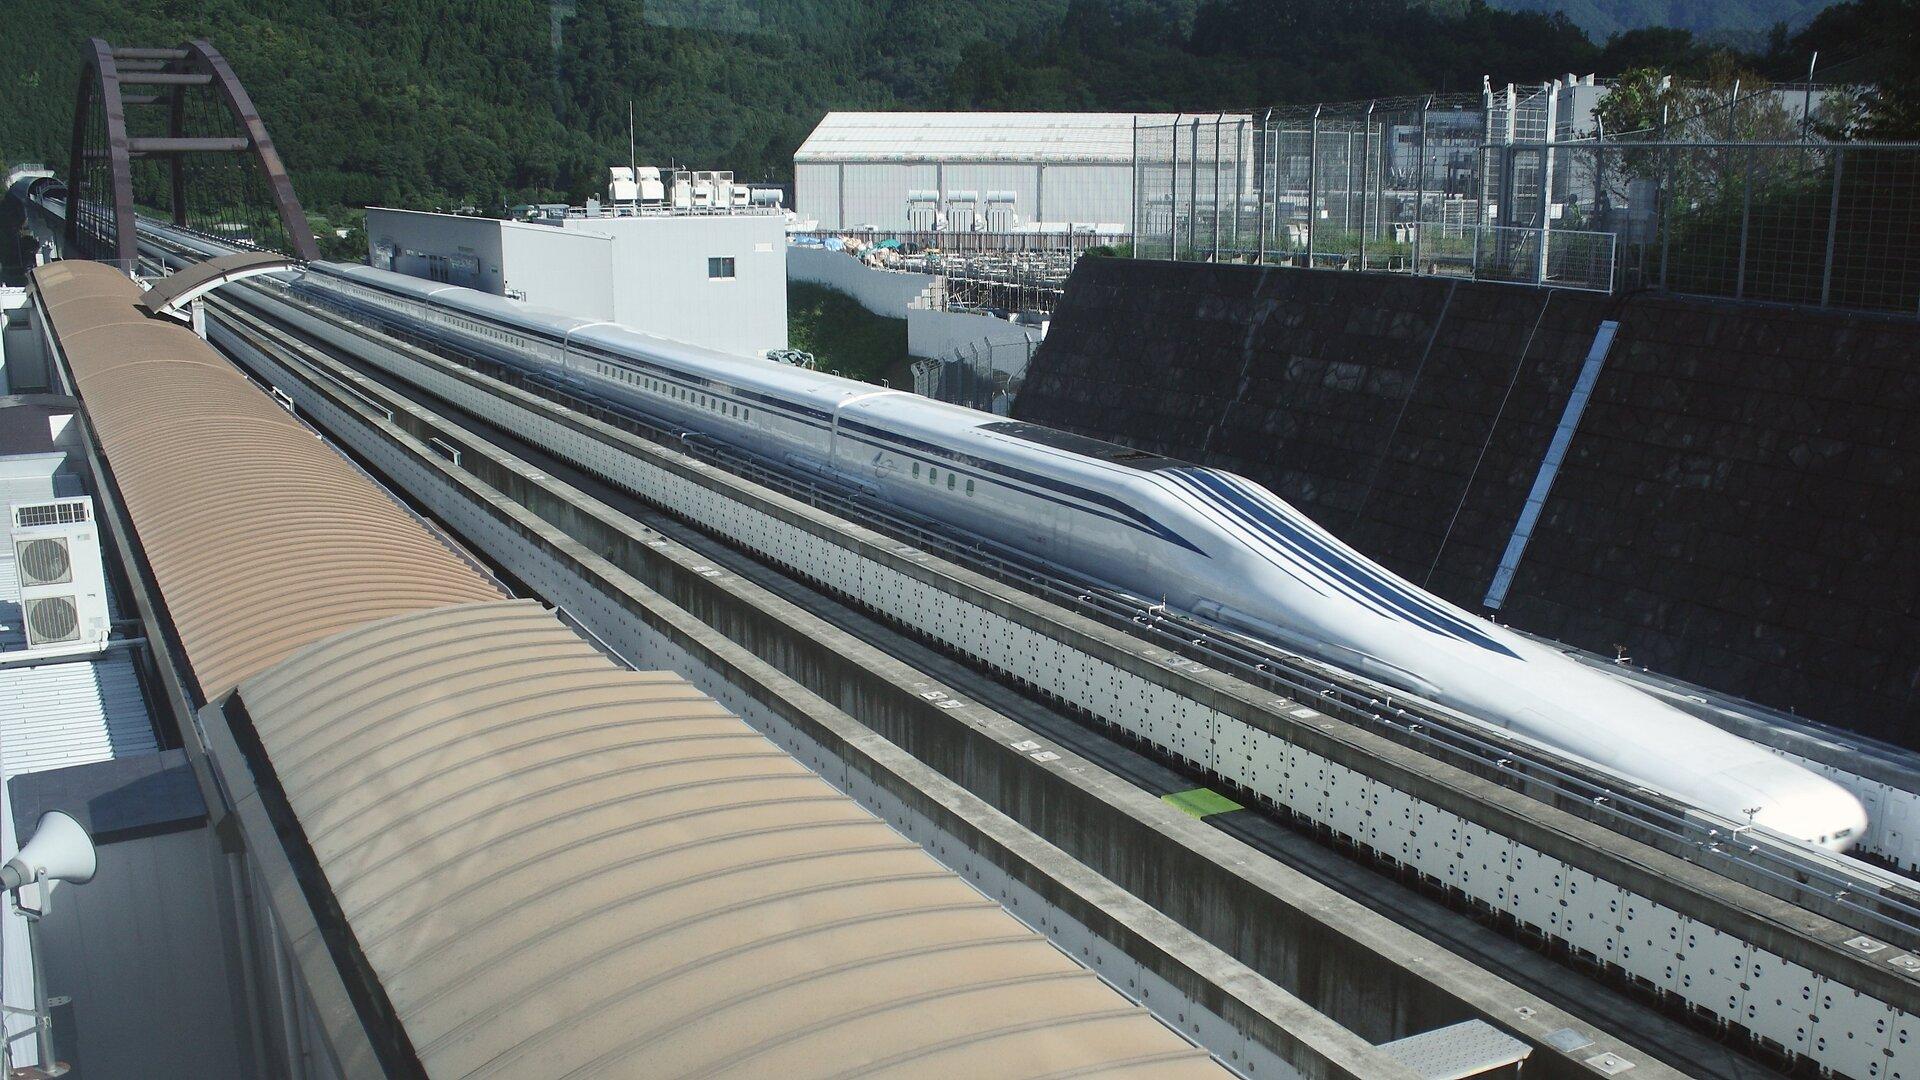 Zdjęcie przedstawia japoński pociąg magnetyczny składający się zpięciu wagonów tworzących niemal jednolity kształt. Pociąg jest biały zciemnoniebieskimi pasami. Pierwszy wagon jest niemal dwukrotnie dłuższy od pozostałych, ajego pierwsza połowa zwęża się ku dołowi tworząc opływowy kształt. Zdjęcie wykonano podczas testów, pociąg został uwieczniony na torach, sfotografowany nieco zprzodu, zboku izgóry. Wtle widoczne budynki przemysłowe imost kolejowy.